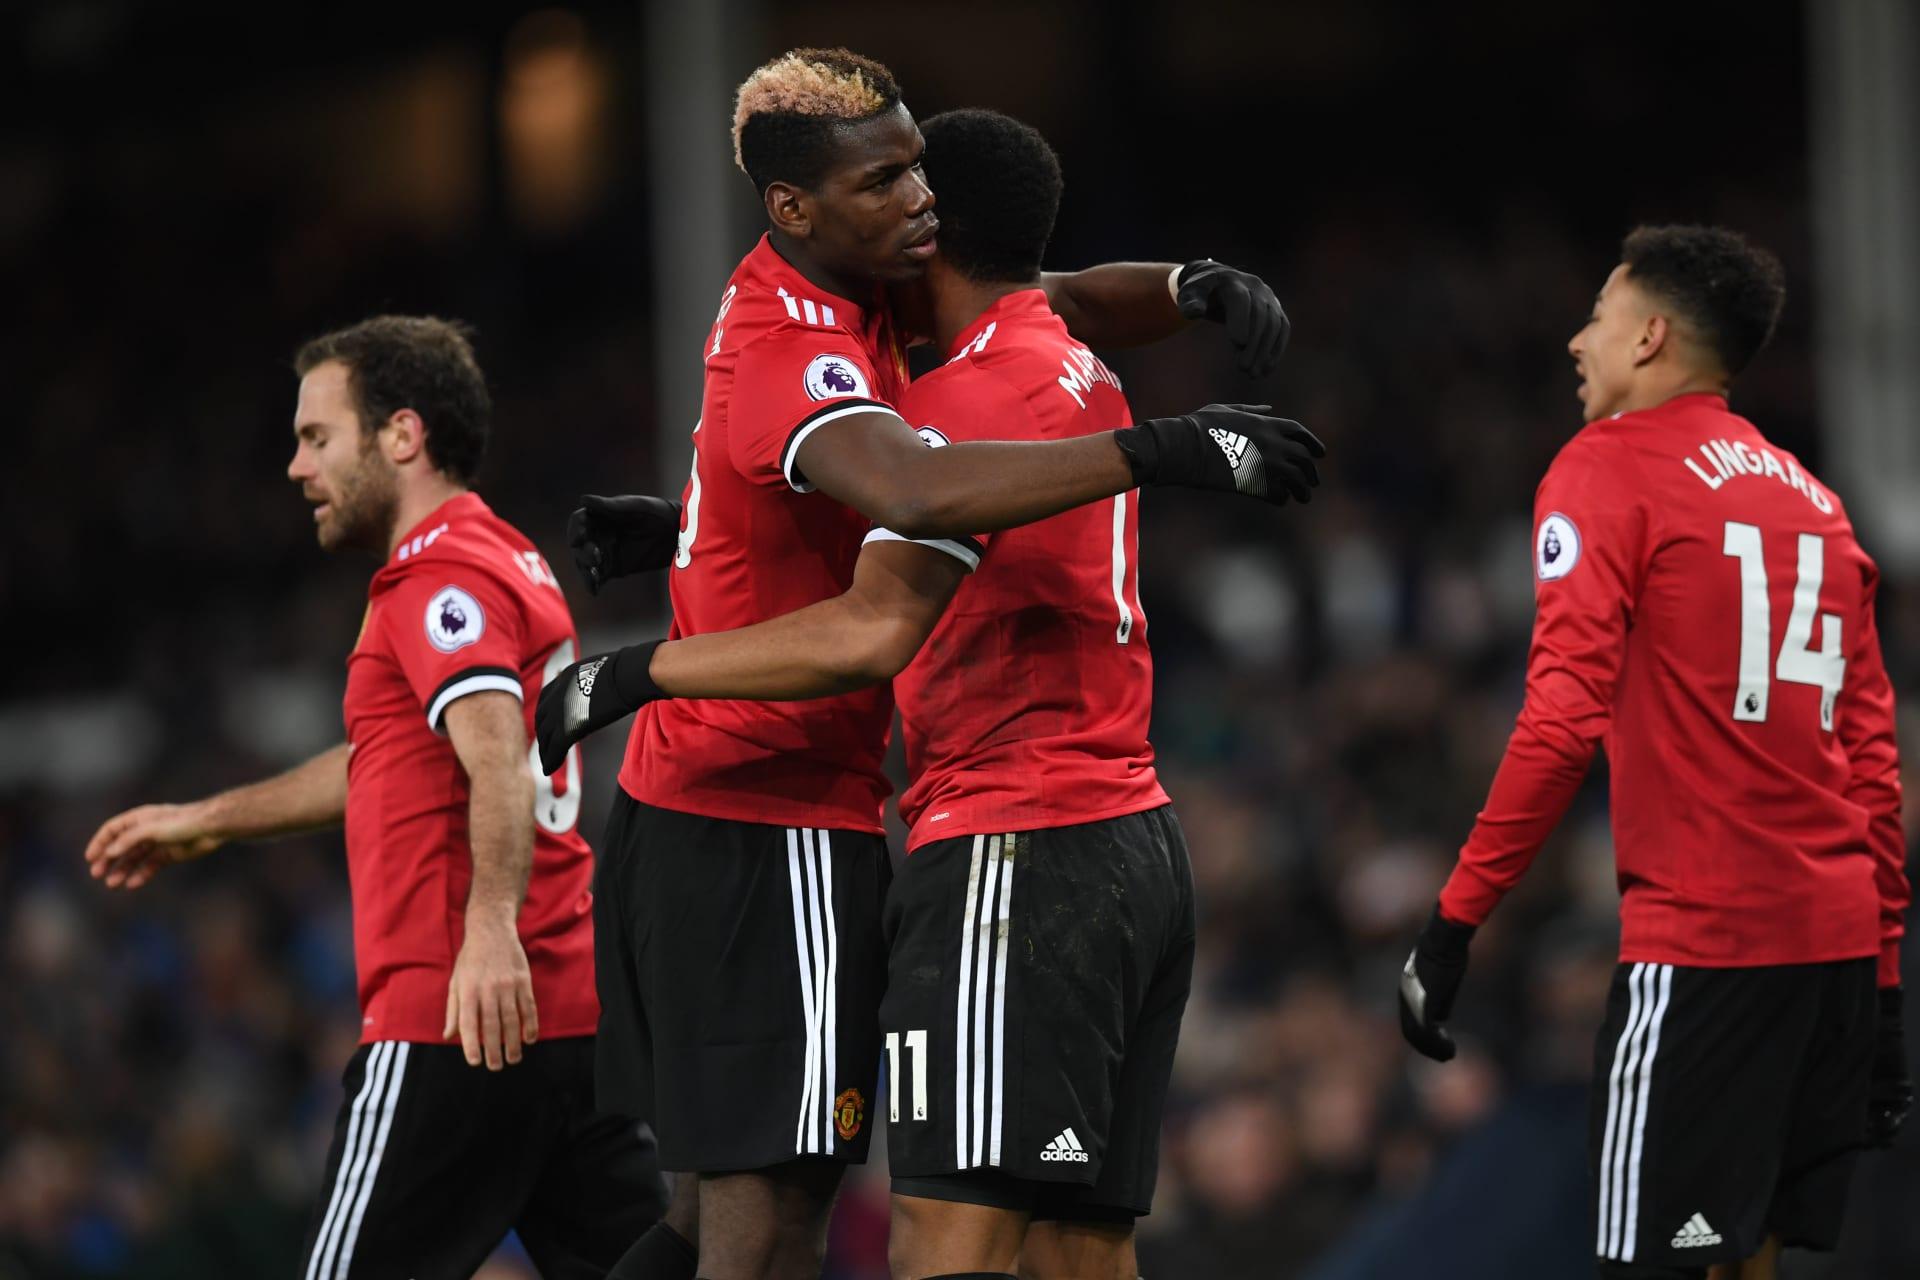 بعد ثلاثة تعادلات.. مانشستر يونايتد يستعيد نغمة الانتصارات بفوزه على إيفرتون